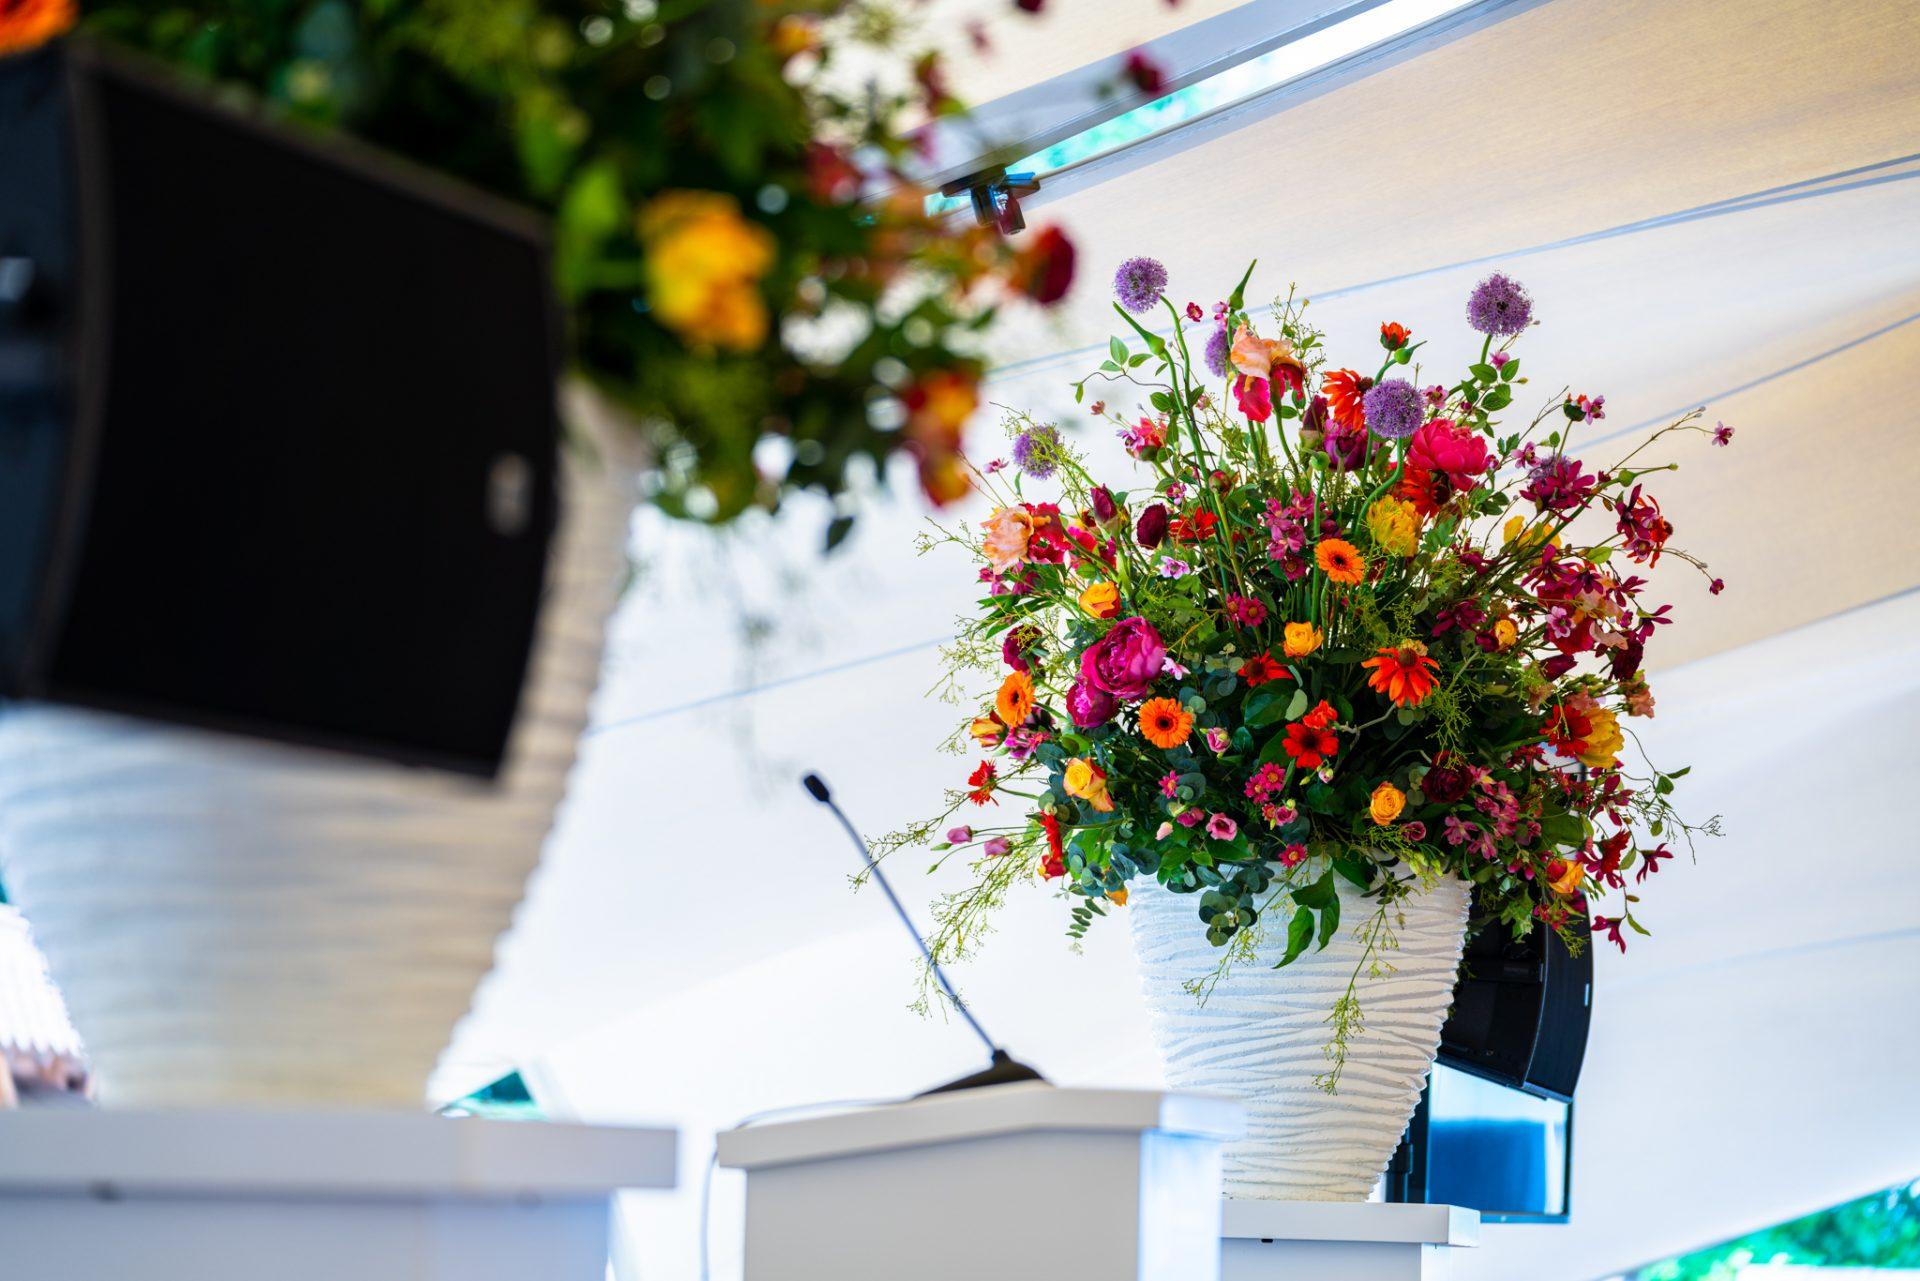 arend vogelensangh kleurrijke bloemen in witte pot